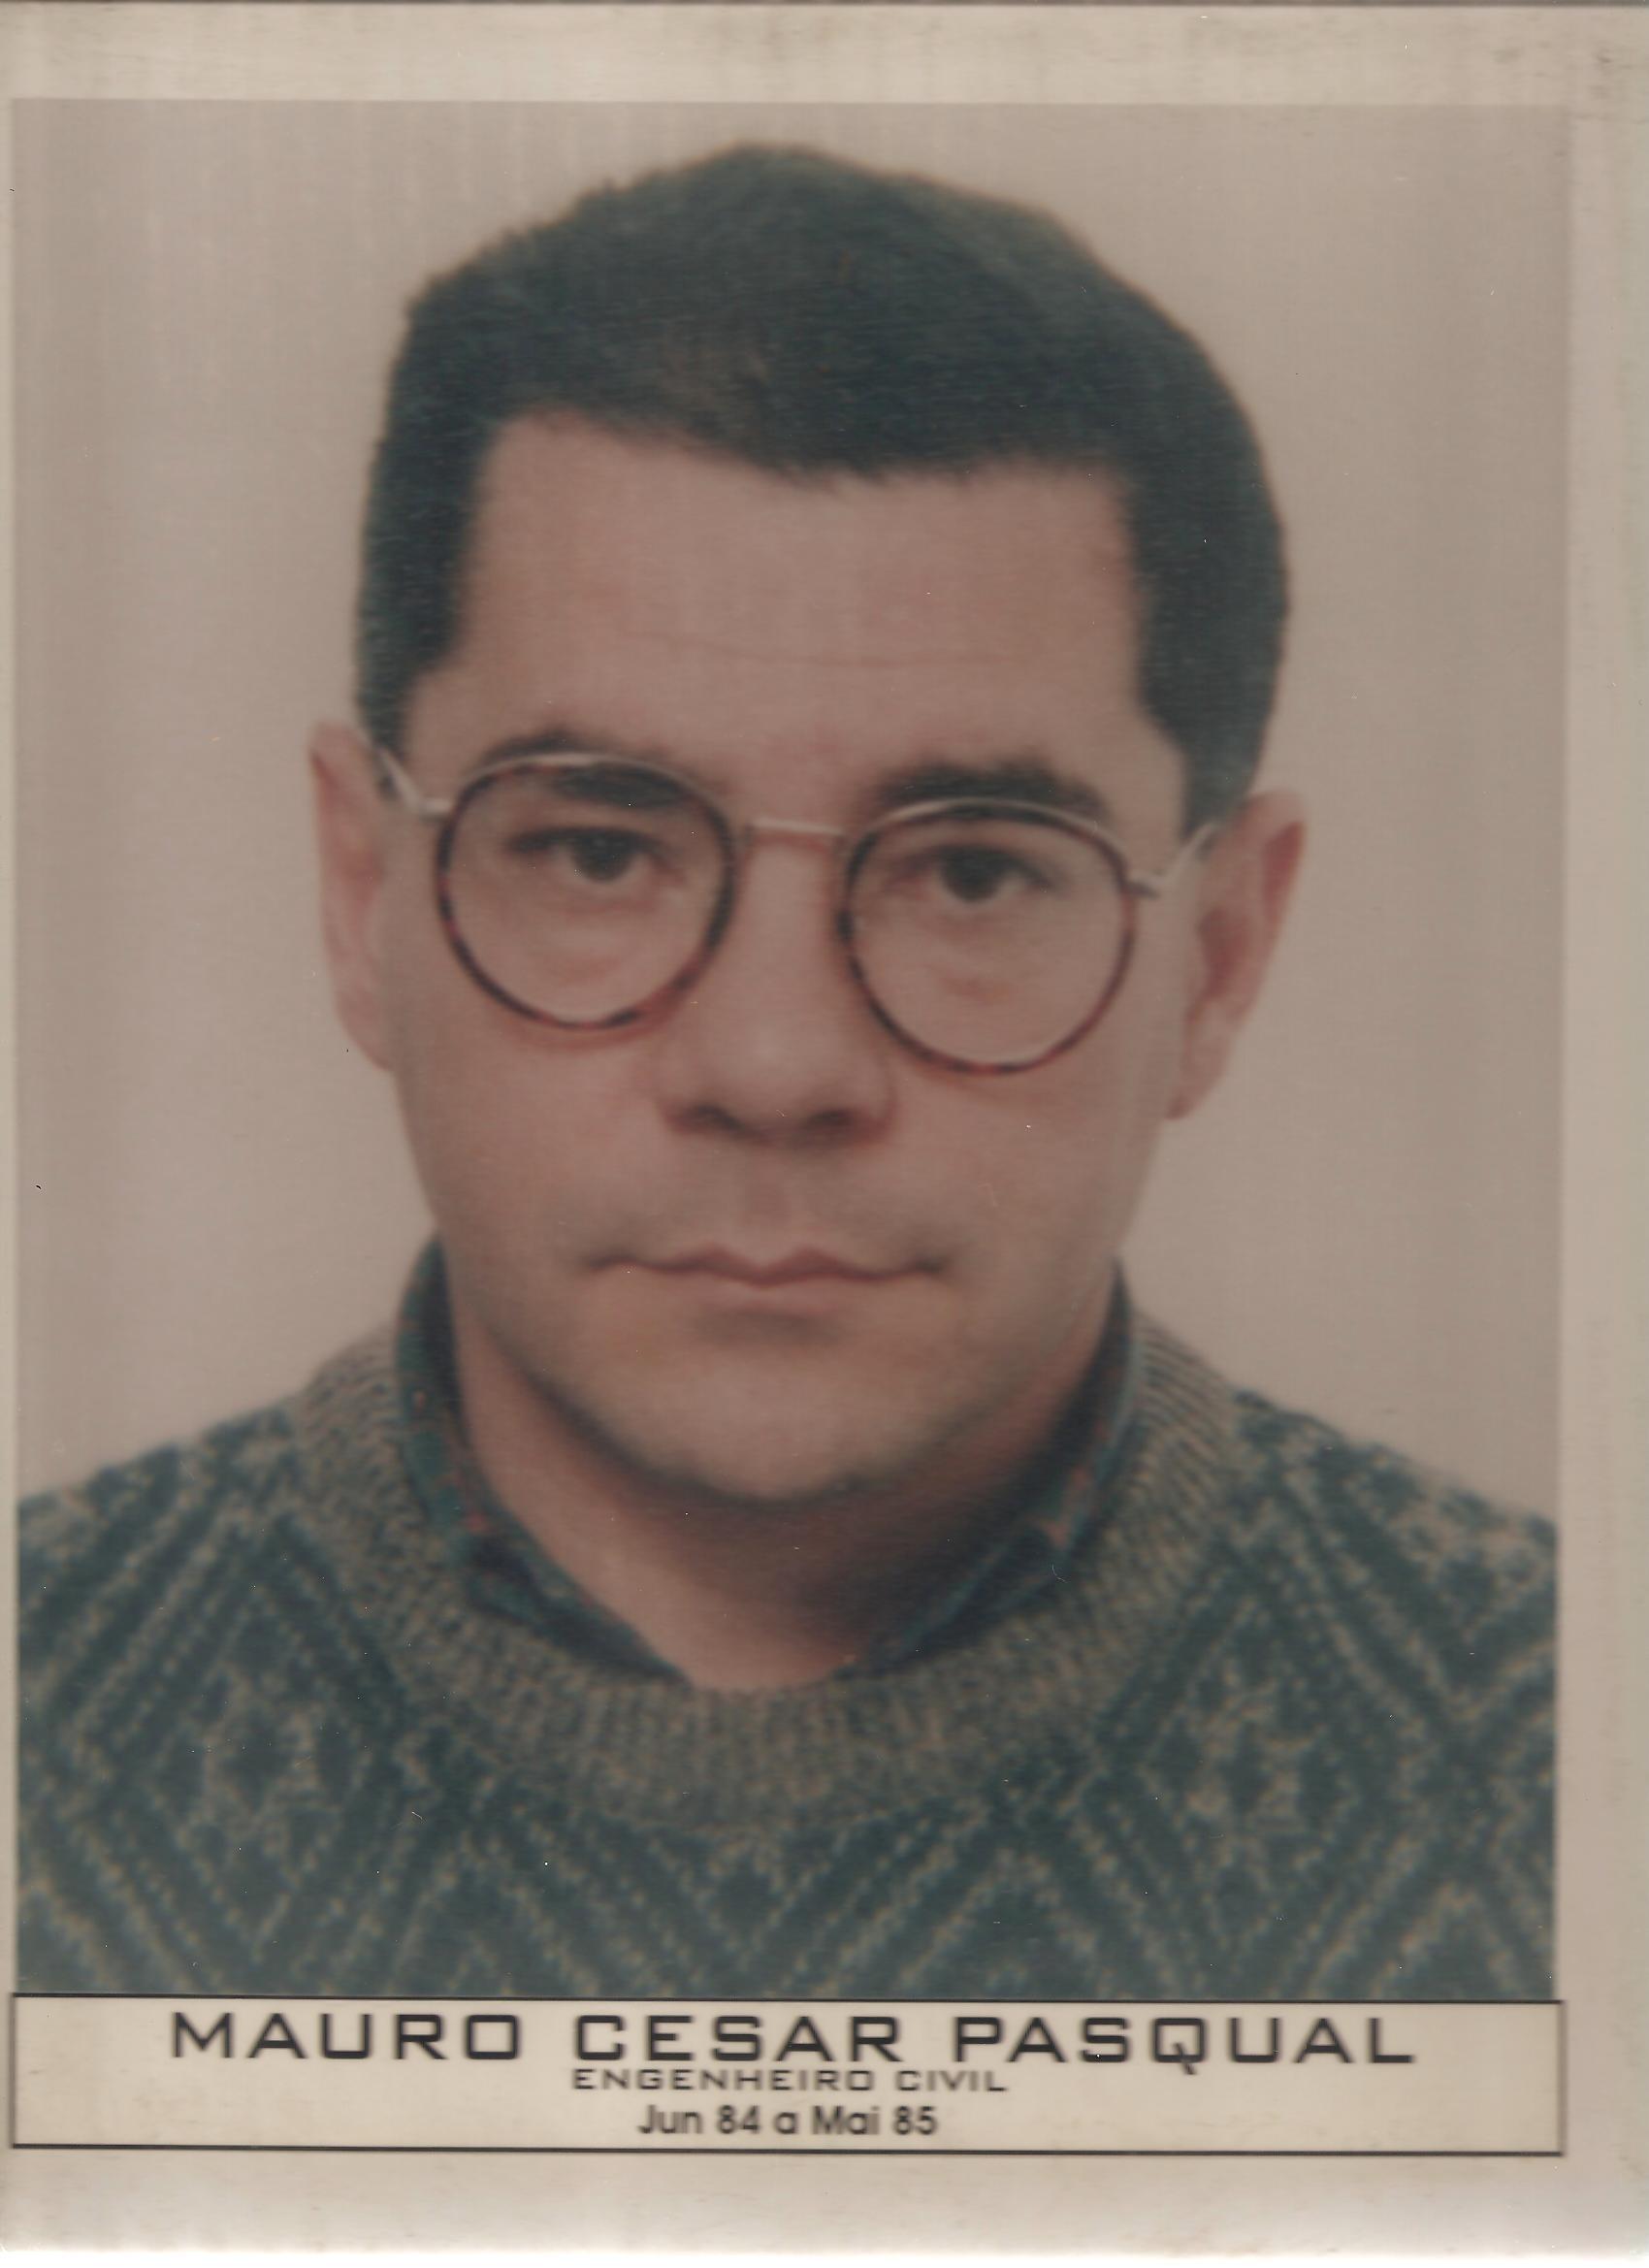 Mauro César Pasqual